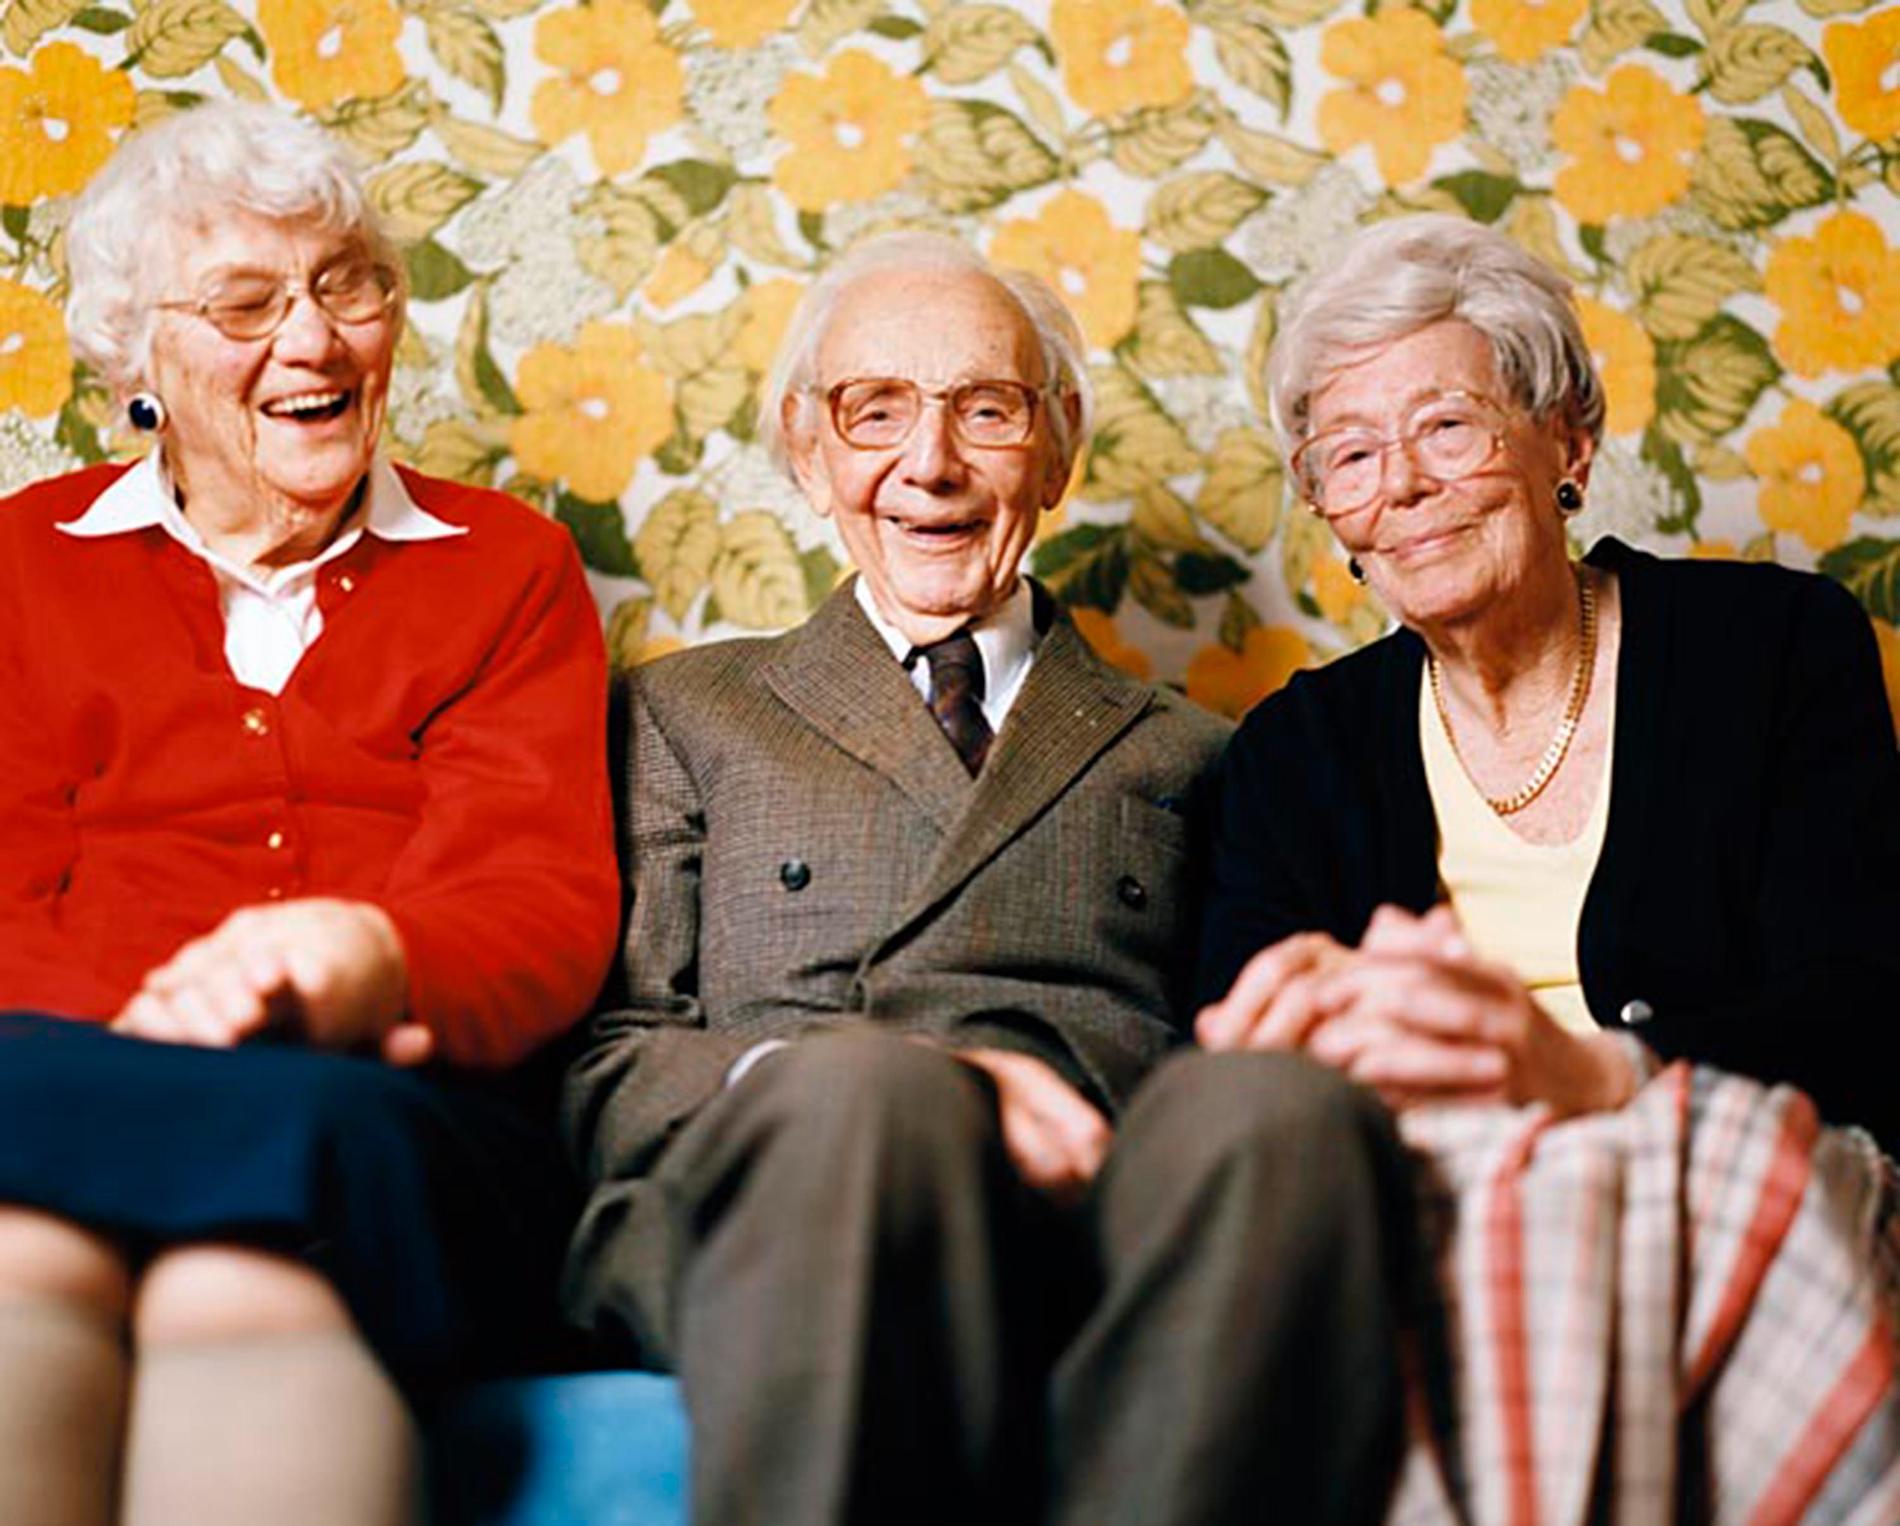 BÄTTRE OCH BÄTTRE DAG FÖR DAG Äntligen får man sova ut och slipper kraven på jobbet. Nio av tio är nöjda eller mycket nöjda med sitt liv som pensionär och tycker att det är skönt att istället få tid för familj och vänner – och ett riktigt flatgarv.